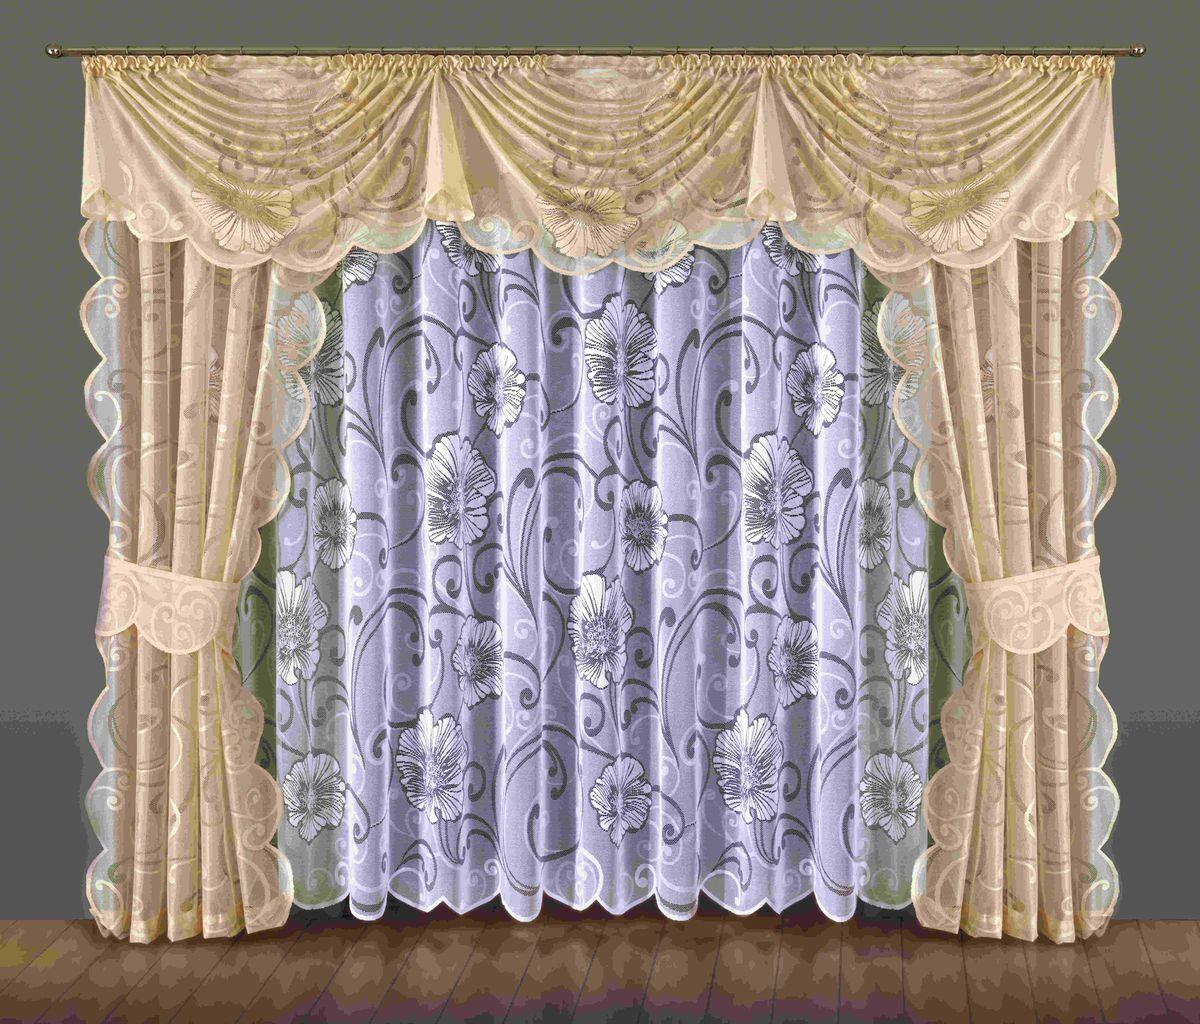 Комплект штор Wisan Bonita, на ленте, цвет: белый, бежевый, высота 250 см196WКомплект штор Wisan Bonita выполненный из полиэстера, великолепно украсит любое окно. В комплект входят 2 шторы, тюль, ламбрекен и 2 подхвата. Цветочный орнамент придает комплекту особый стиль и шарм. Тонкое плетение, нежная цветовая гамма и роскошное исполнение - все это делает шторы Wisan Bonita замечательным дополнением интерьера помещения. Комплект оснащен шторной лентой для красивой сборки. В комплект входит: Штора - 2 шт. Размер (ШхВ): 145 см х 250 см. Тюль - 1 шт. Размер (ШхВ): 400 см х 250 см. Ламбрекен - 1 шт. Размер (ШхВ): 360 см х 60 см. Подхват - 2 шт. Фирма Wisan на польском рынке существует уже более пятидесяти лет и является одной из лучших польских фабрик по производству штор и тканей. Ассортимент фирмы представлен готовыми комплектами штор для гостиной, детской, кухни, а также текстилем для кухни (скатерти, салфетки, дорожки, кухонные занавески). Модельный ряд отличает оригинальный дизайн,...